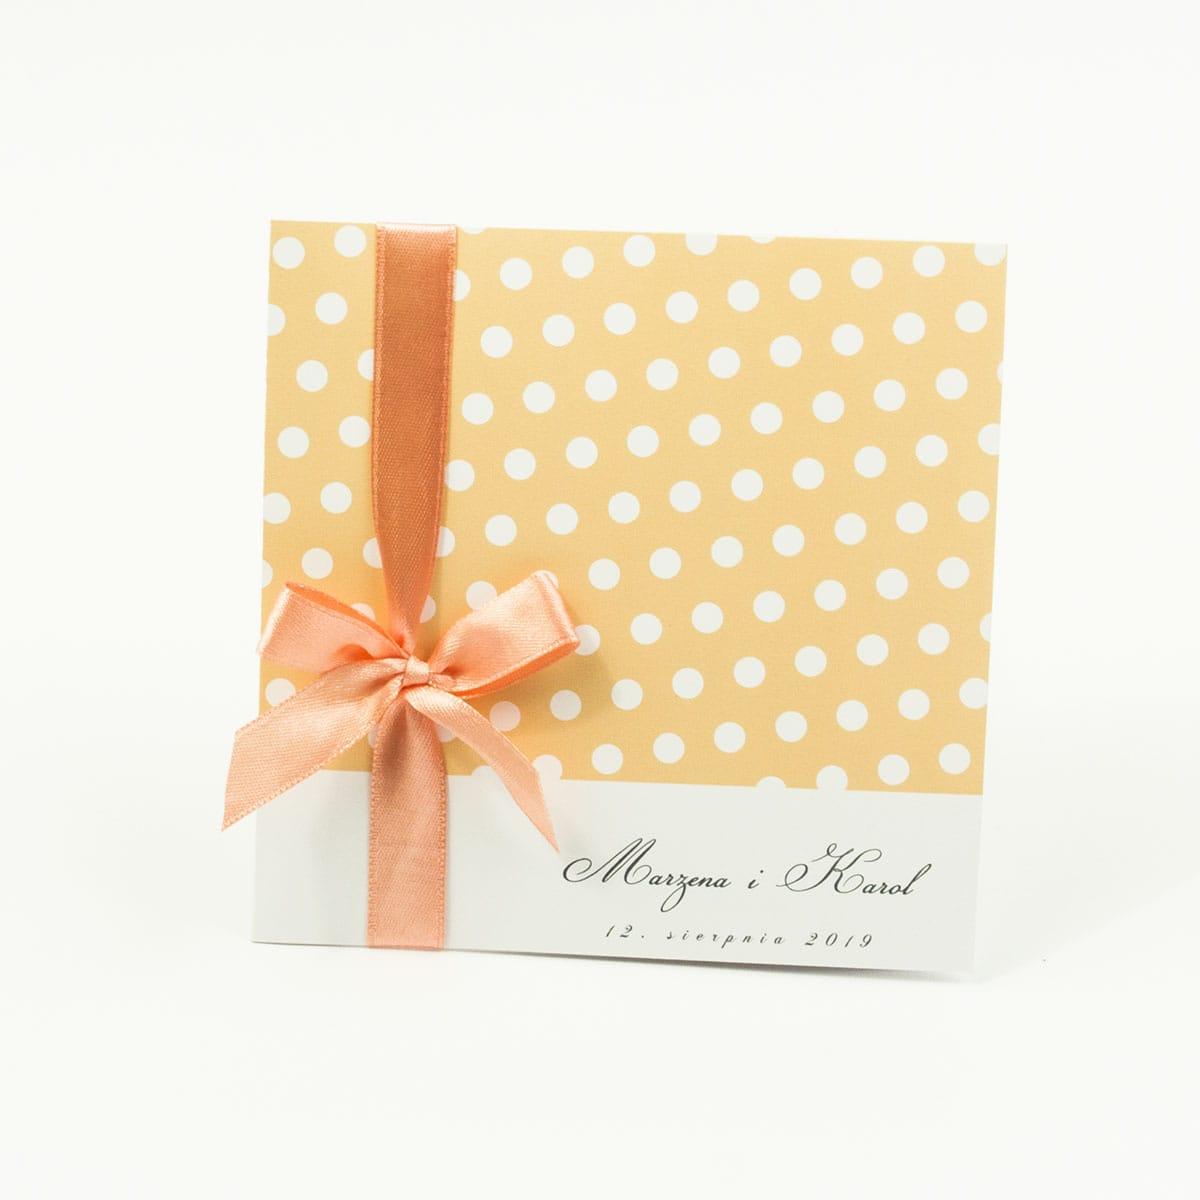 Urocze zaproszenia ślubne z białymi kropkami na brzoskwiniowym tle oraz brzoskwiniową wstążką. ZAP-81-01